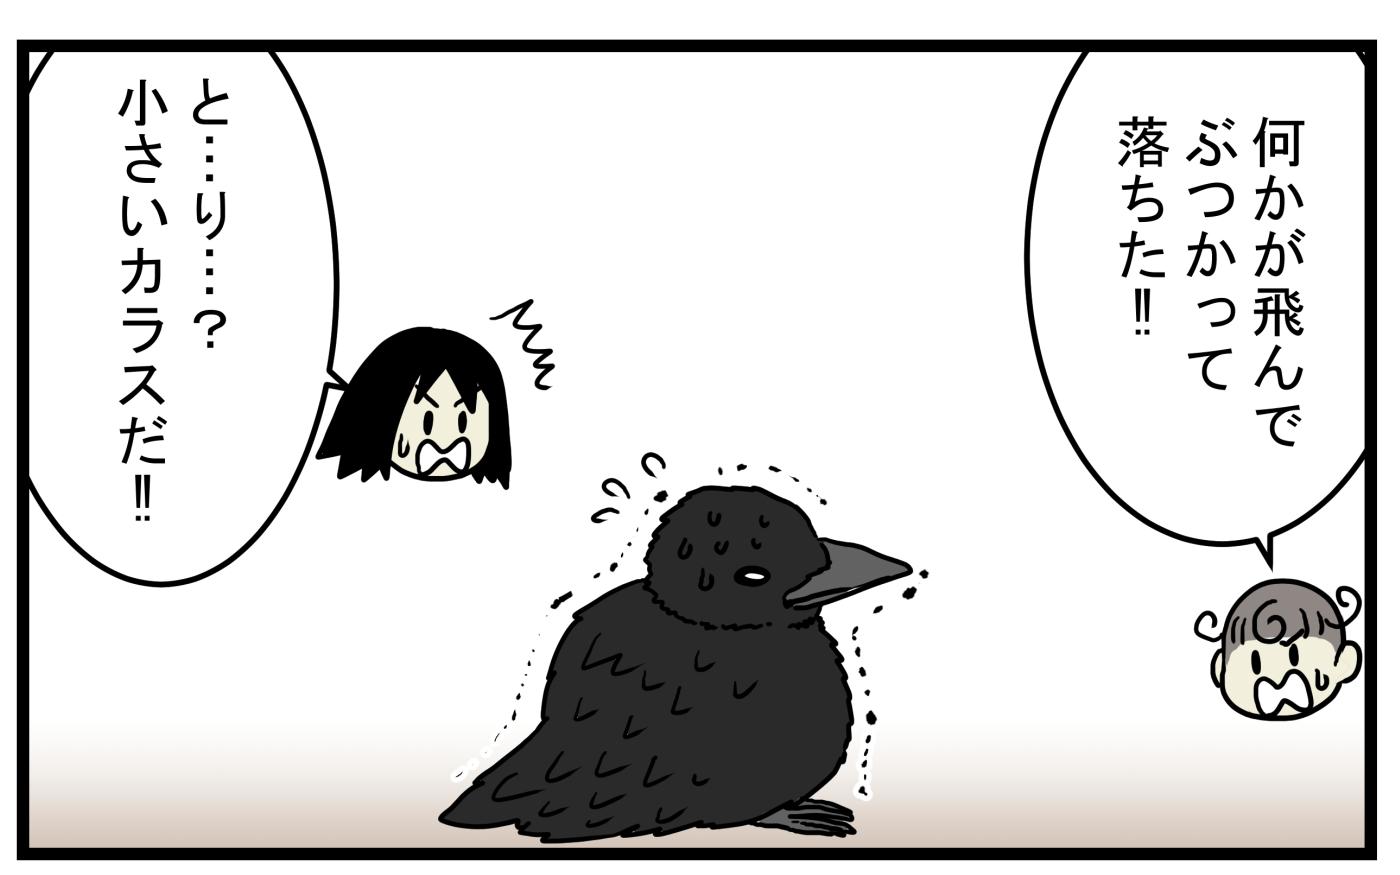 巣立ったばかりのヒナは上手に飛ぶことができない